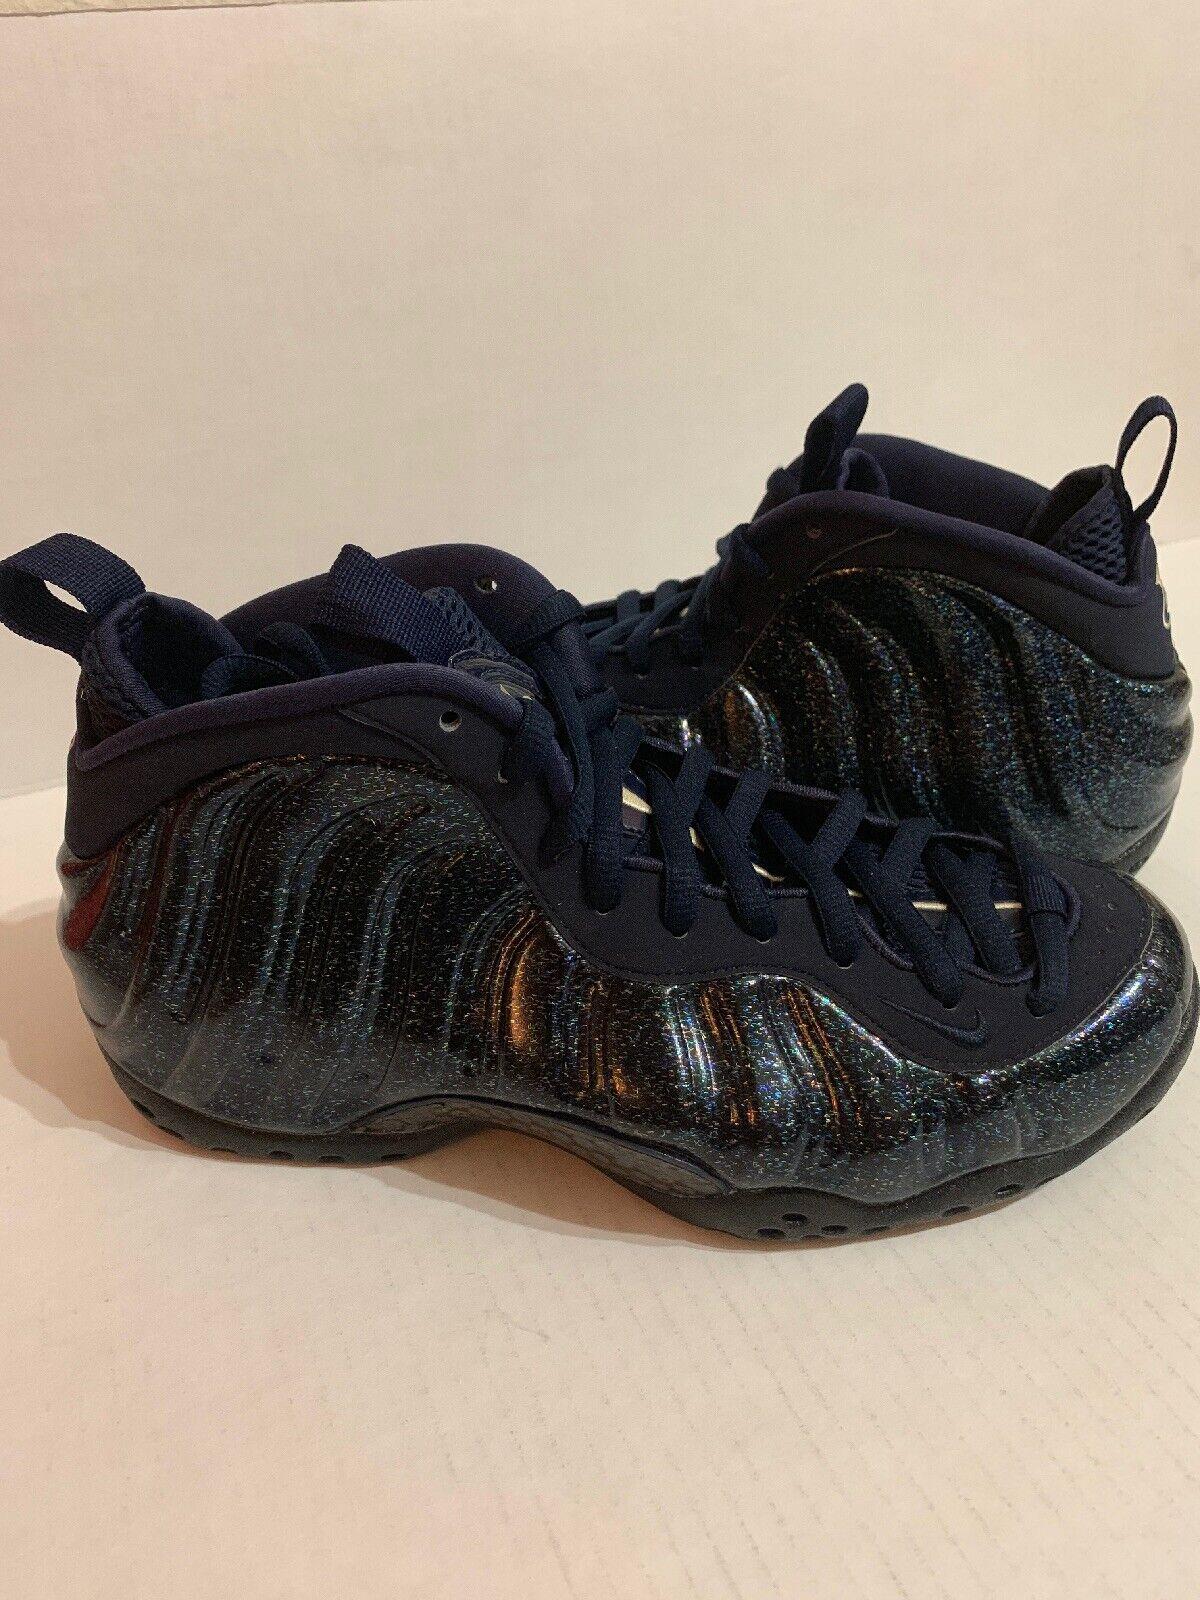 NIKE WMNS AIR FOAMPOSITE ONE skor skor skor AA3963 -400 Sz 9 OBSIDIAN GLITTER ny  hög kvalitet och snabb frakt